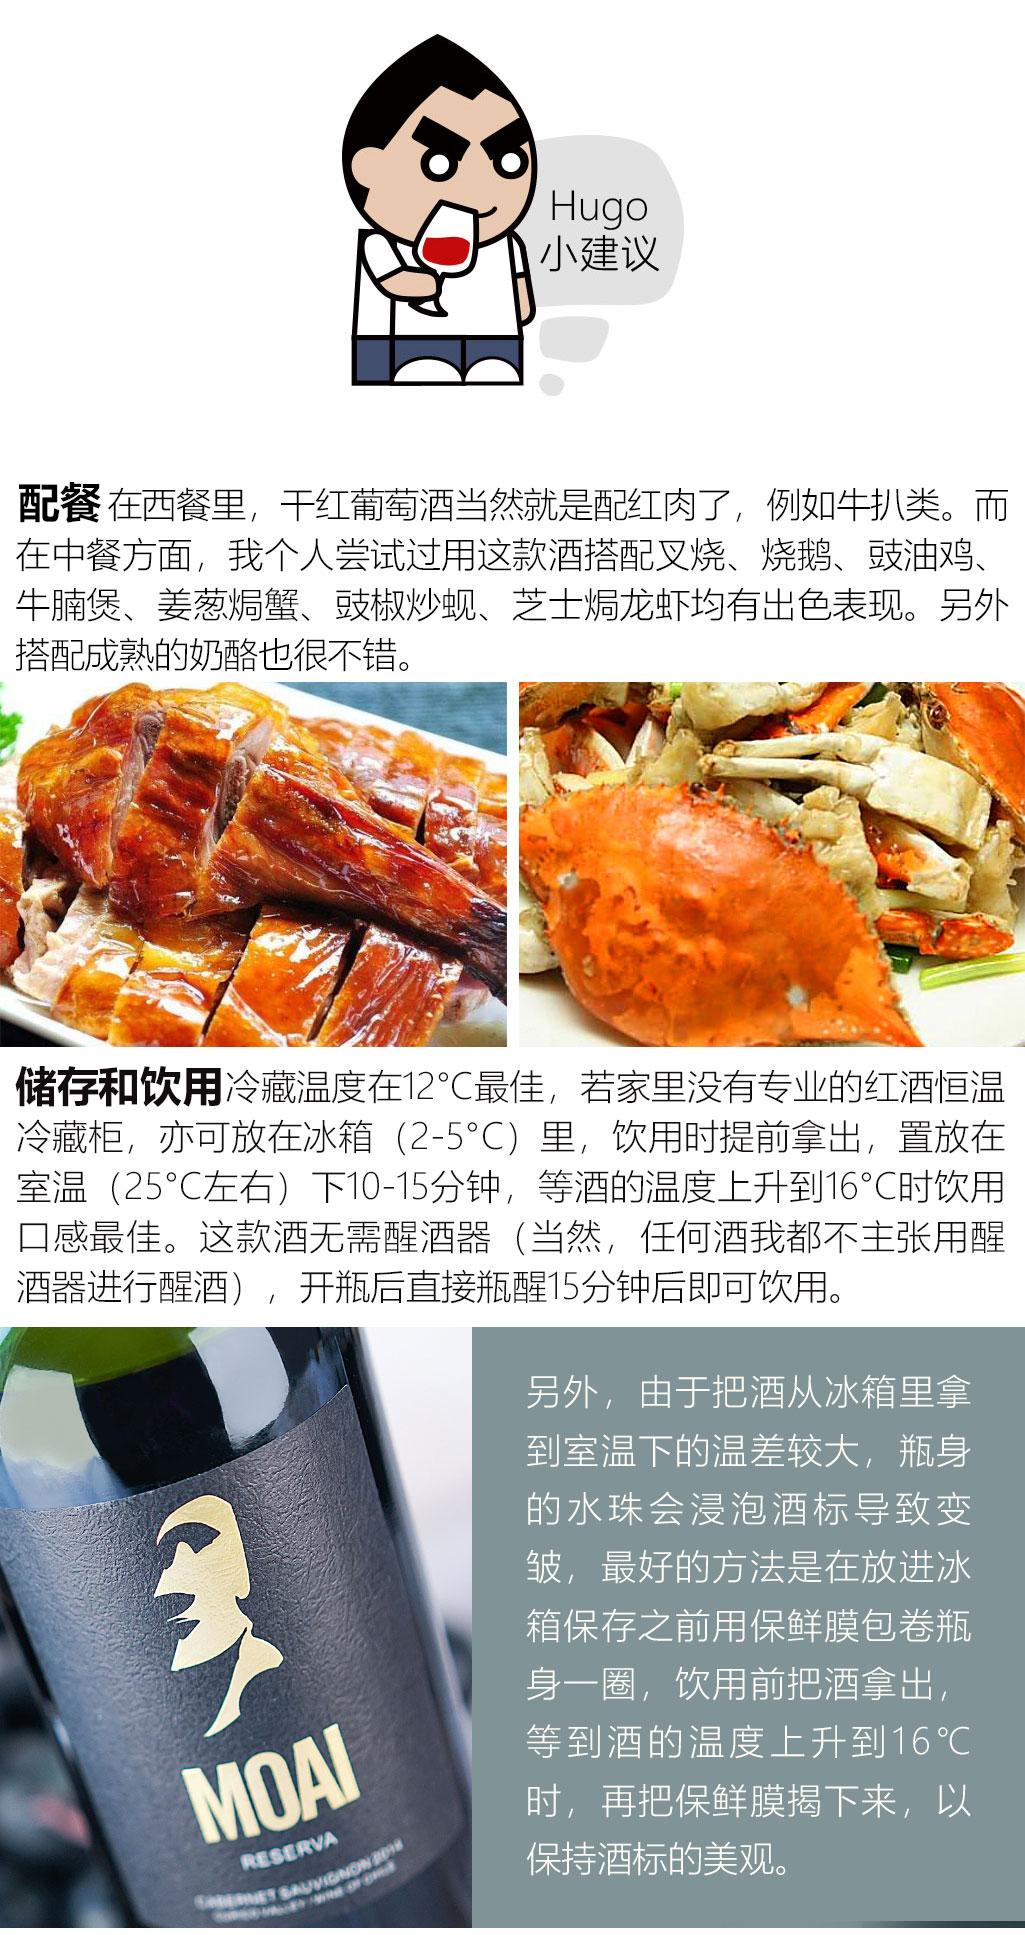 赤霞珠人头红酒内页-拷贝_03.jpg